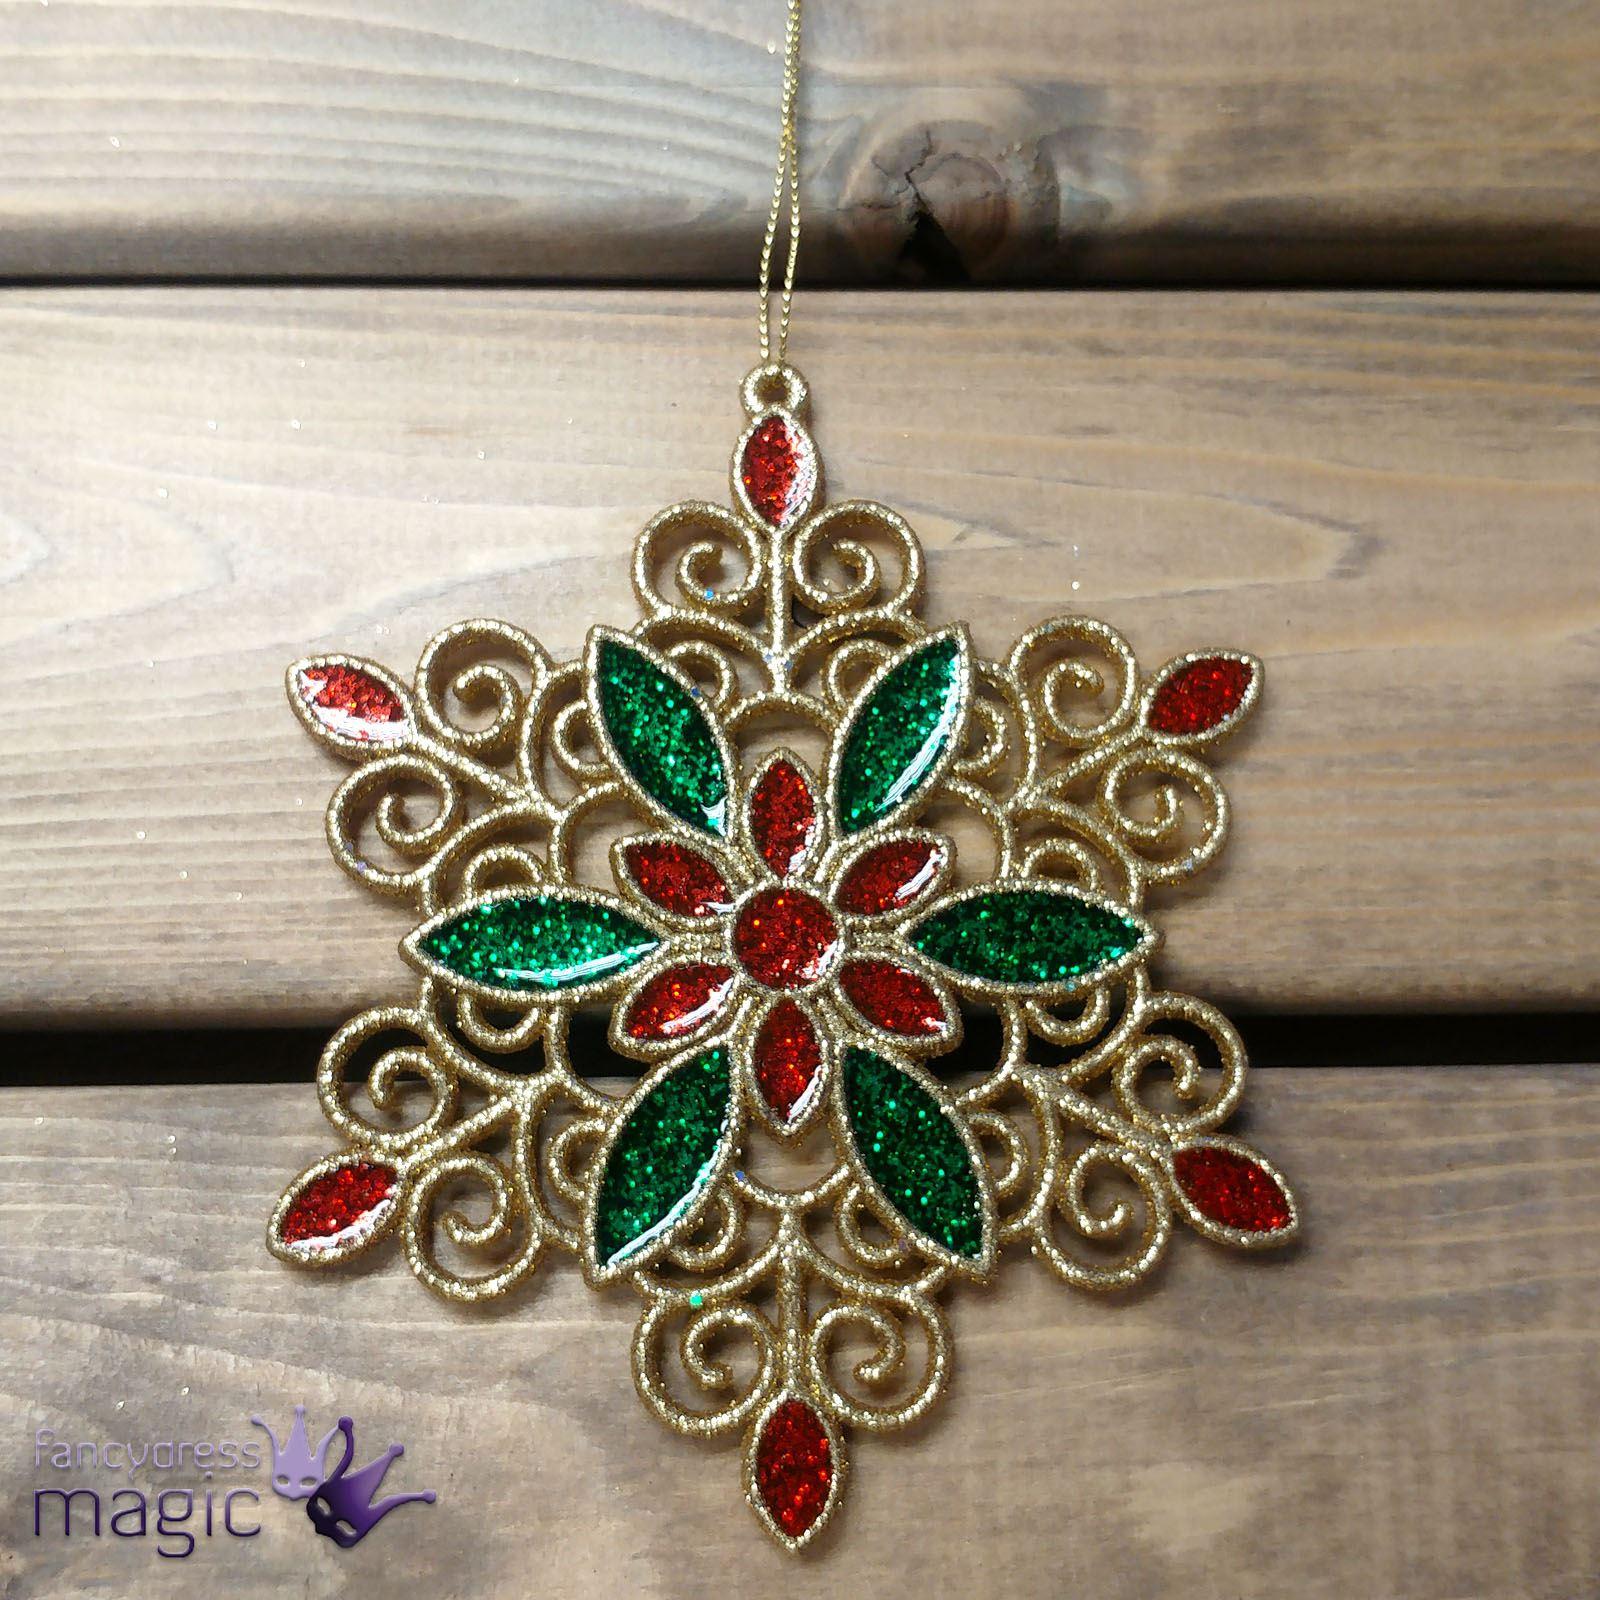 Gisela-Graham-Rouge-Vert-Or-Acrylique-Flocon-de-neige-pendaison-arbre-de-Noel-Decoration